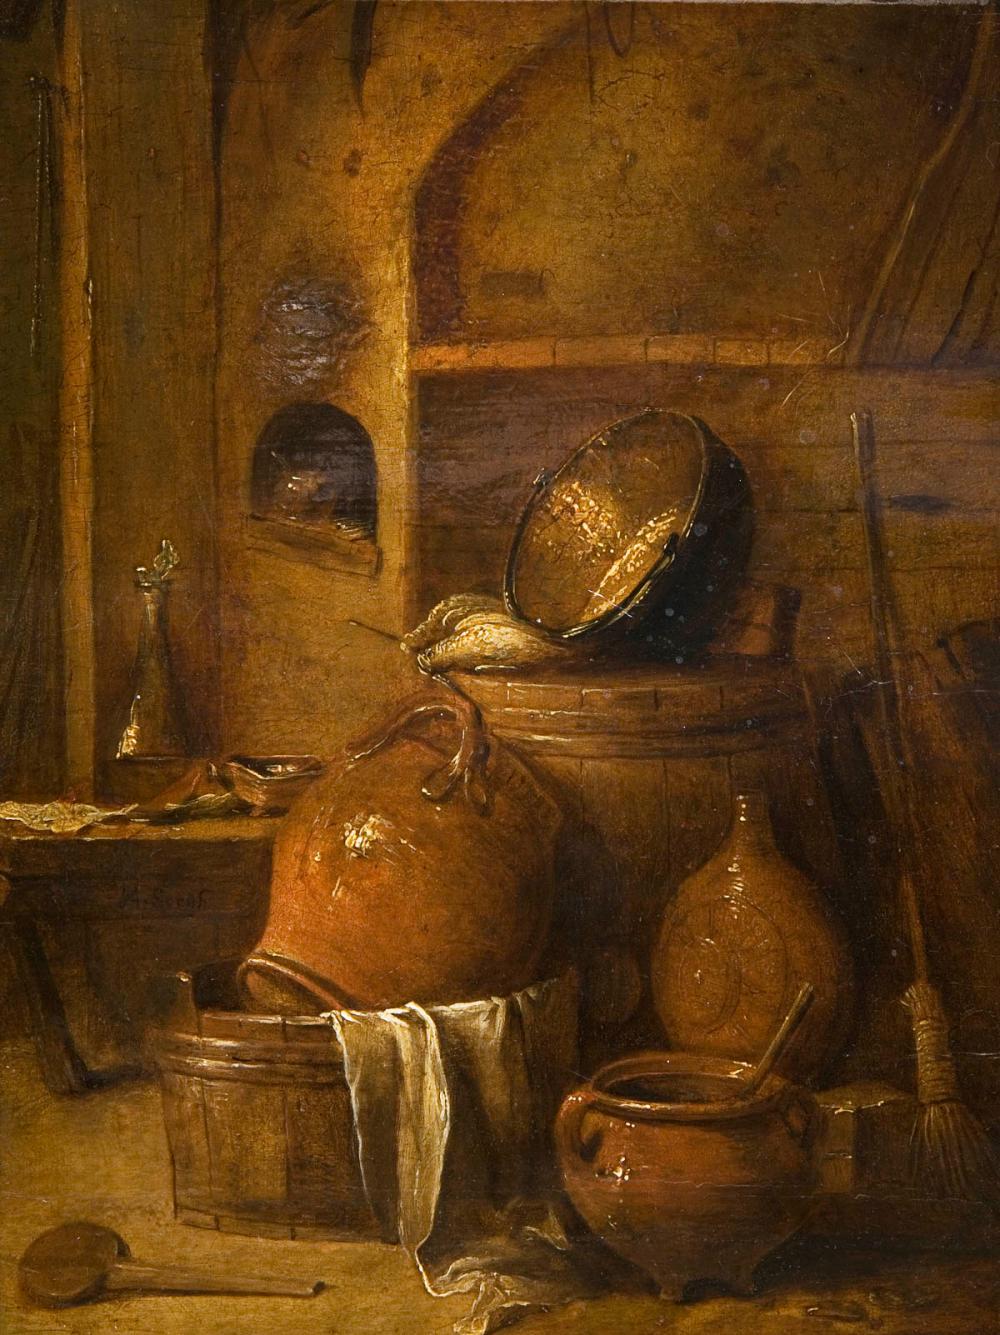 SORGH, Hendrik Martensz (1610 Rotterdam - 1670 Rotterdam). Stillleben mit diversen Gefäßen.